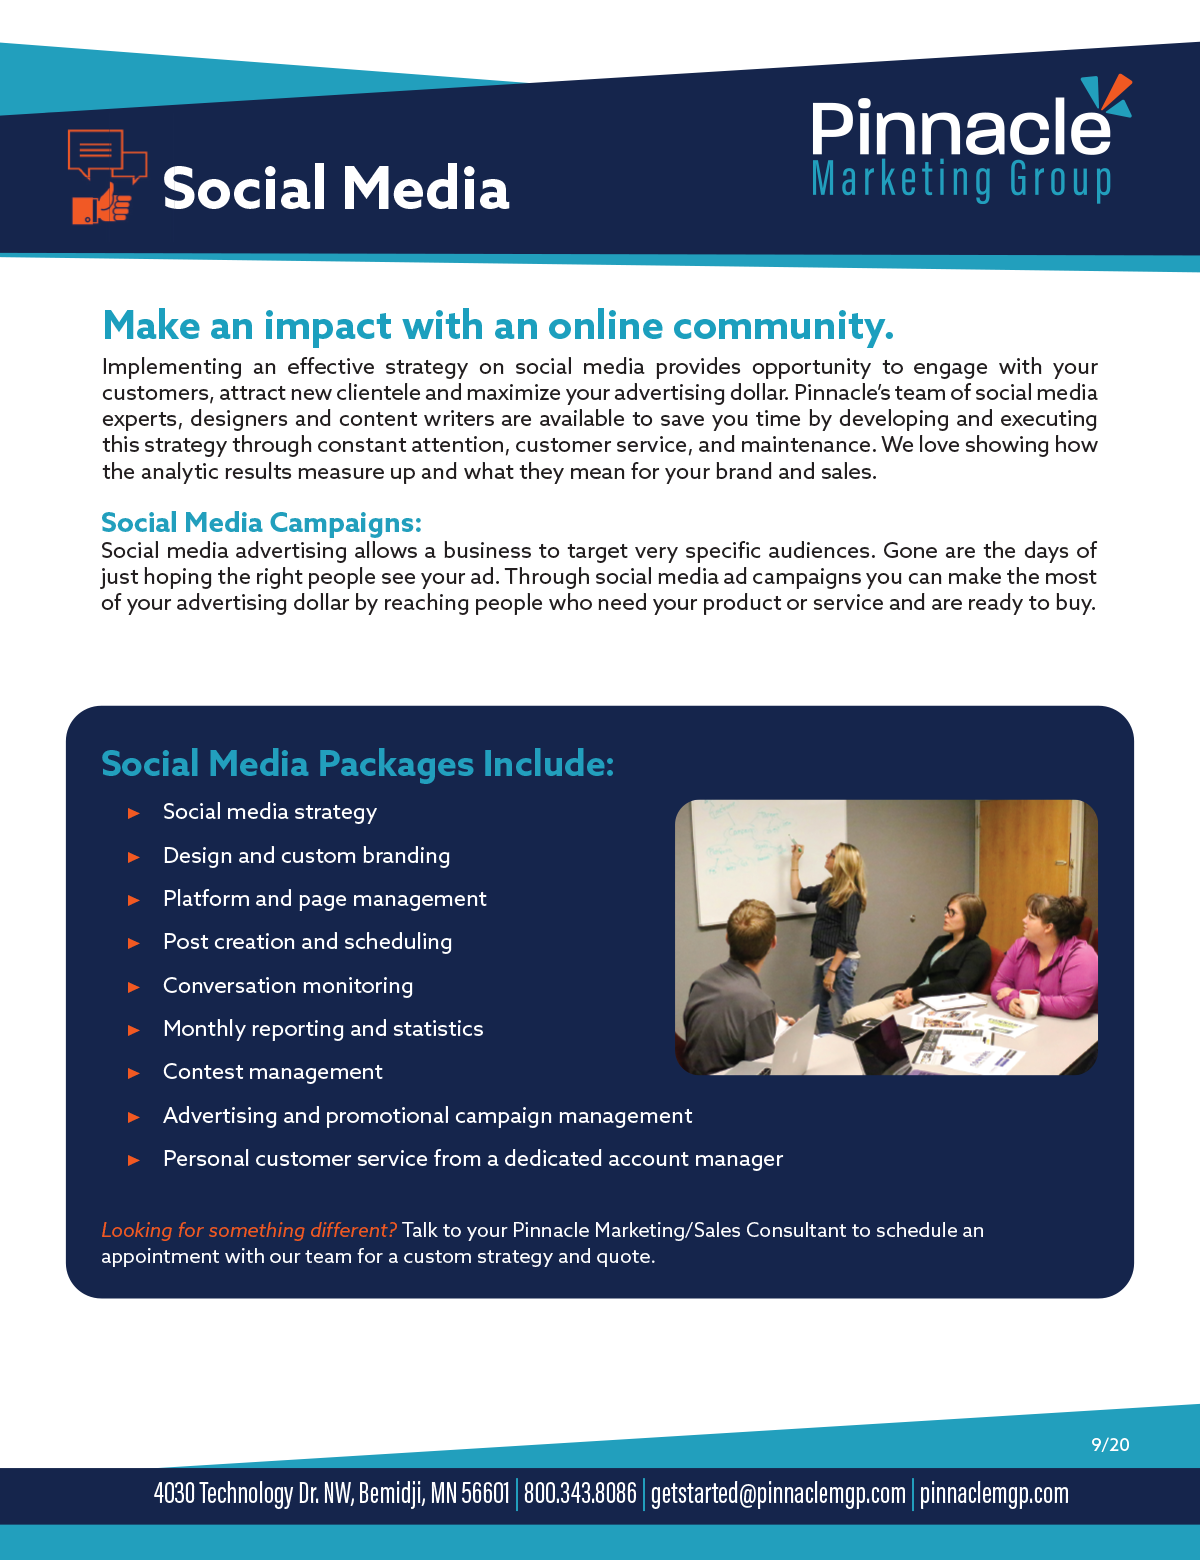 SocialMedia_preview1